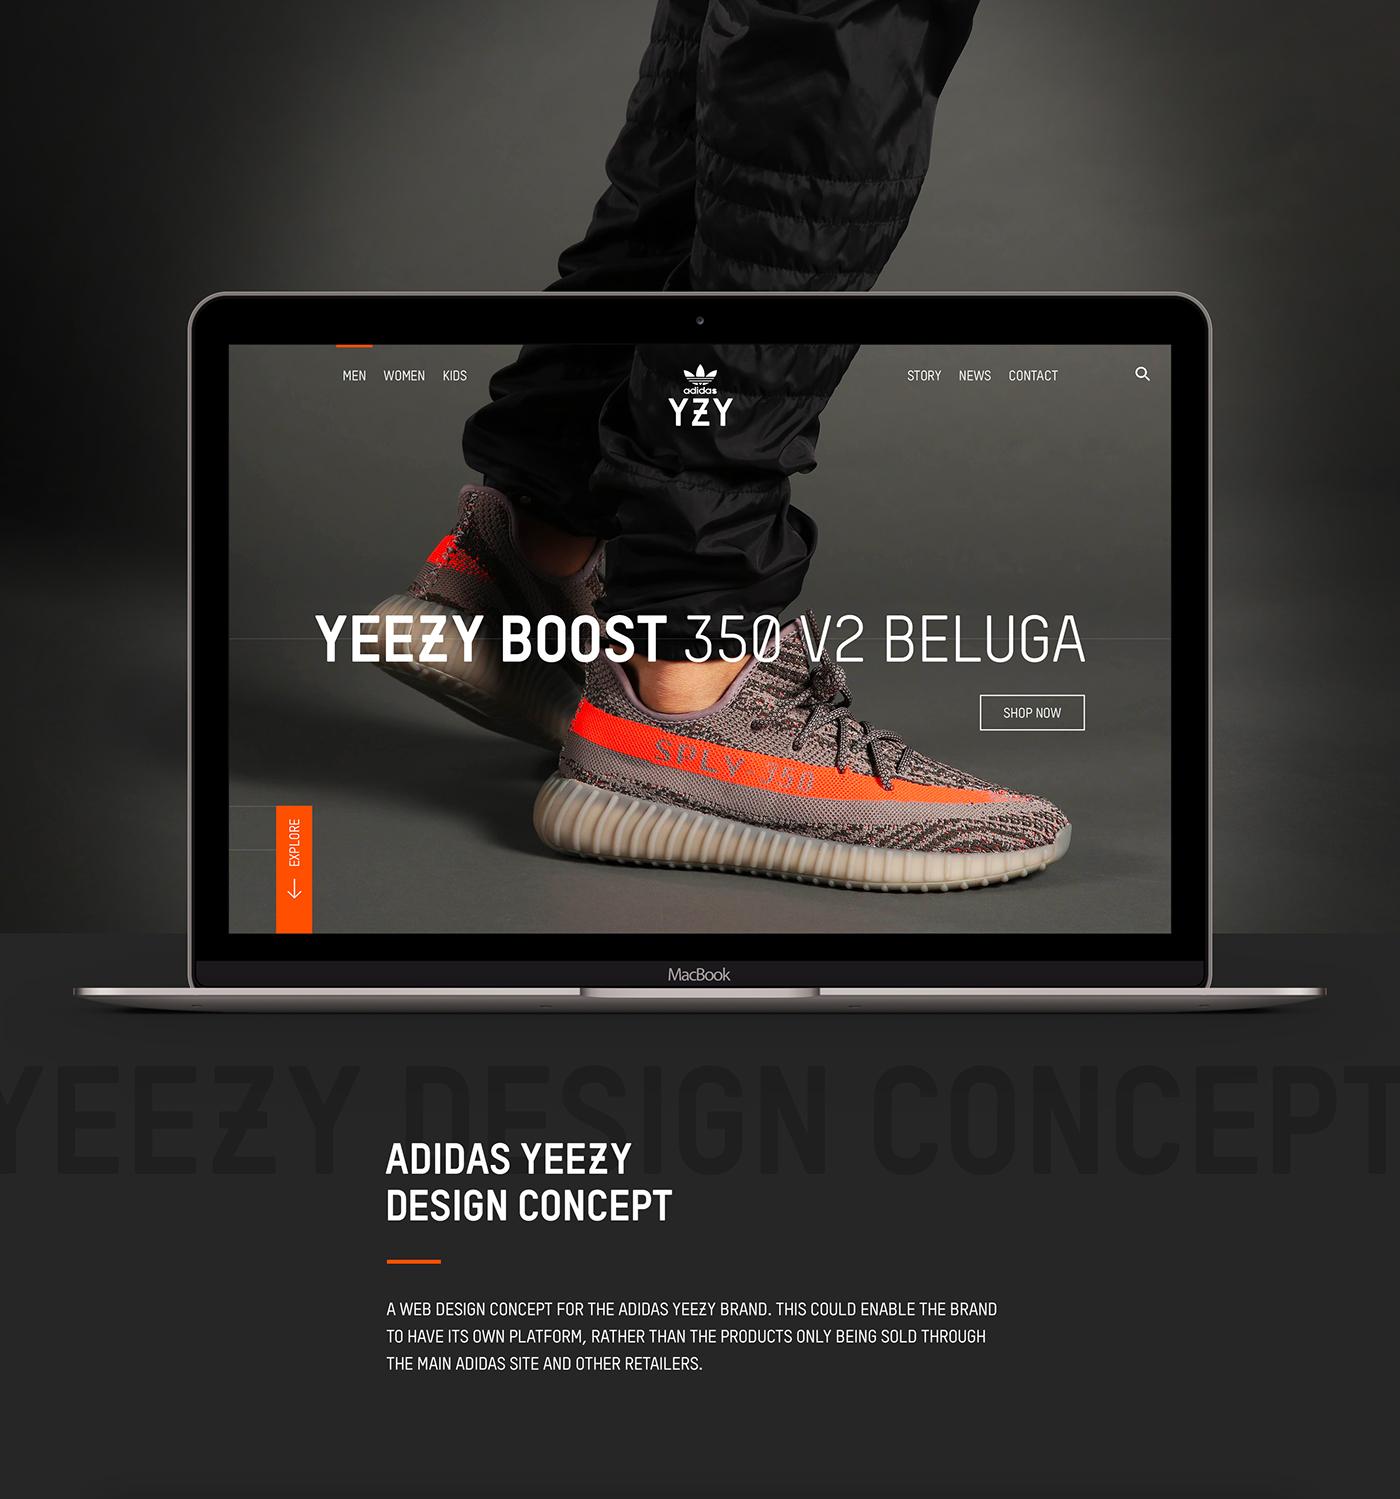 yeezy add off 54% - www.intolegalworld.com